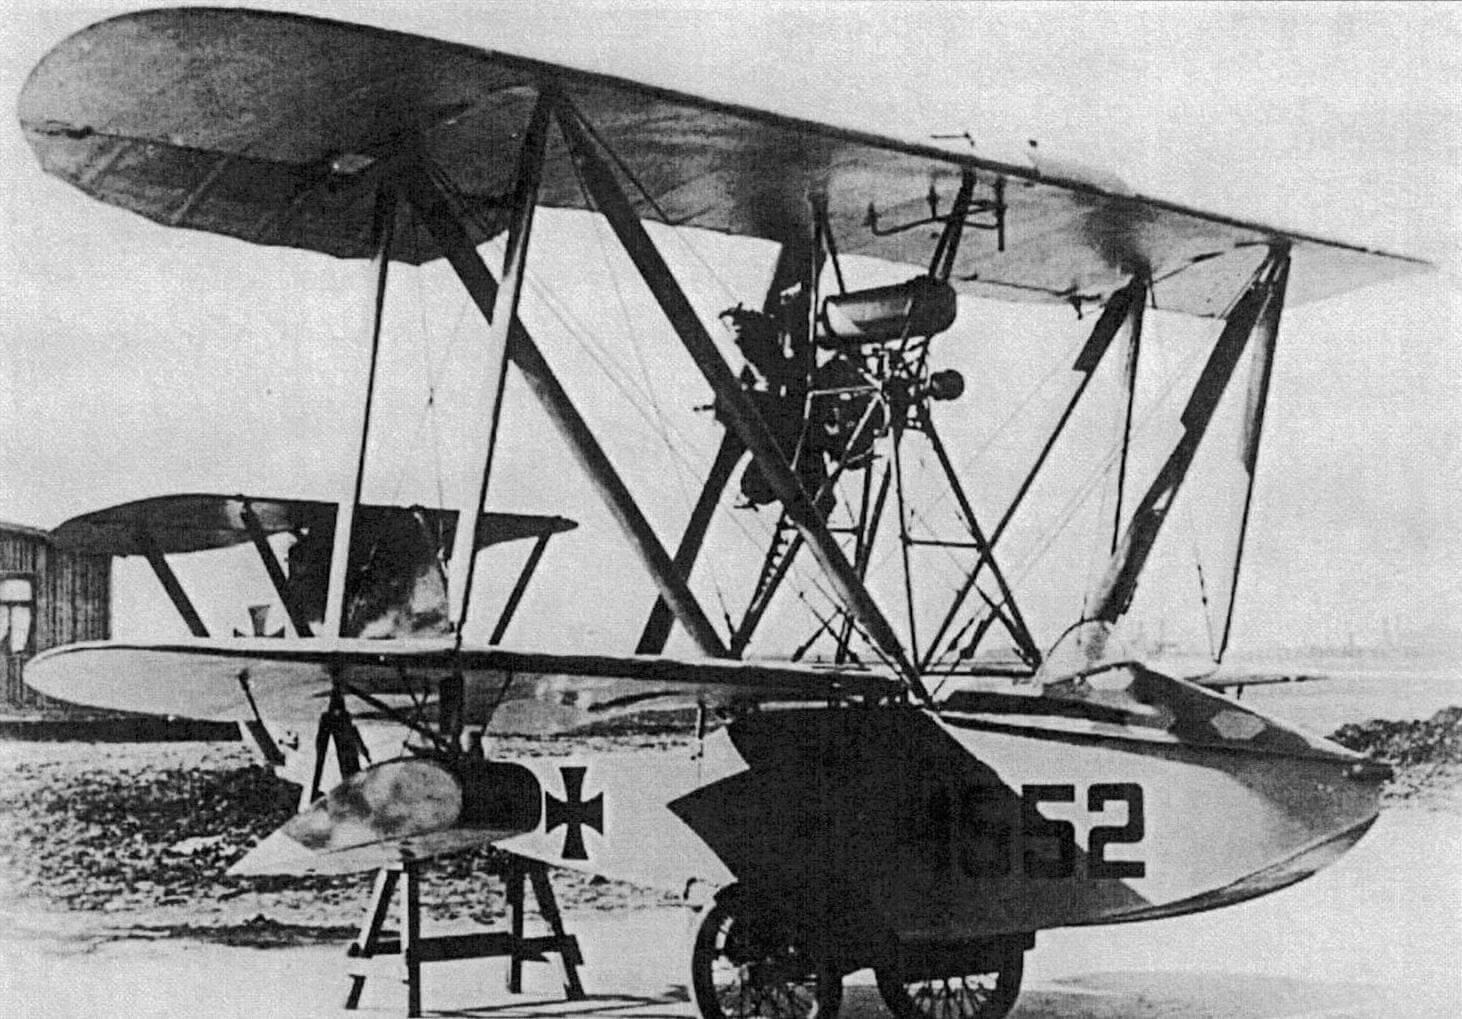 Первый в мире самолет, специально созданный для базирования на подводном корабле - германская летающая лодка Hansa-Brandenburg W.20